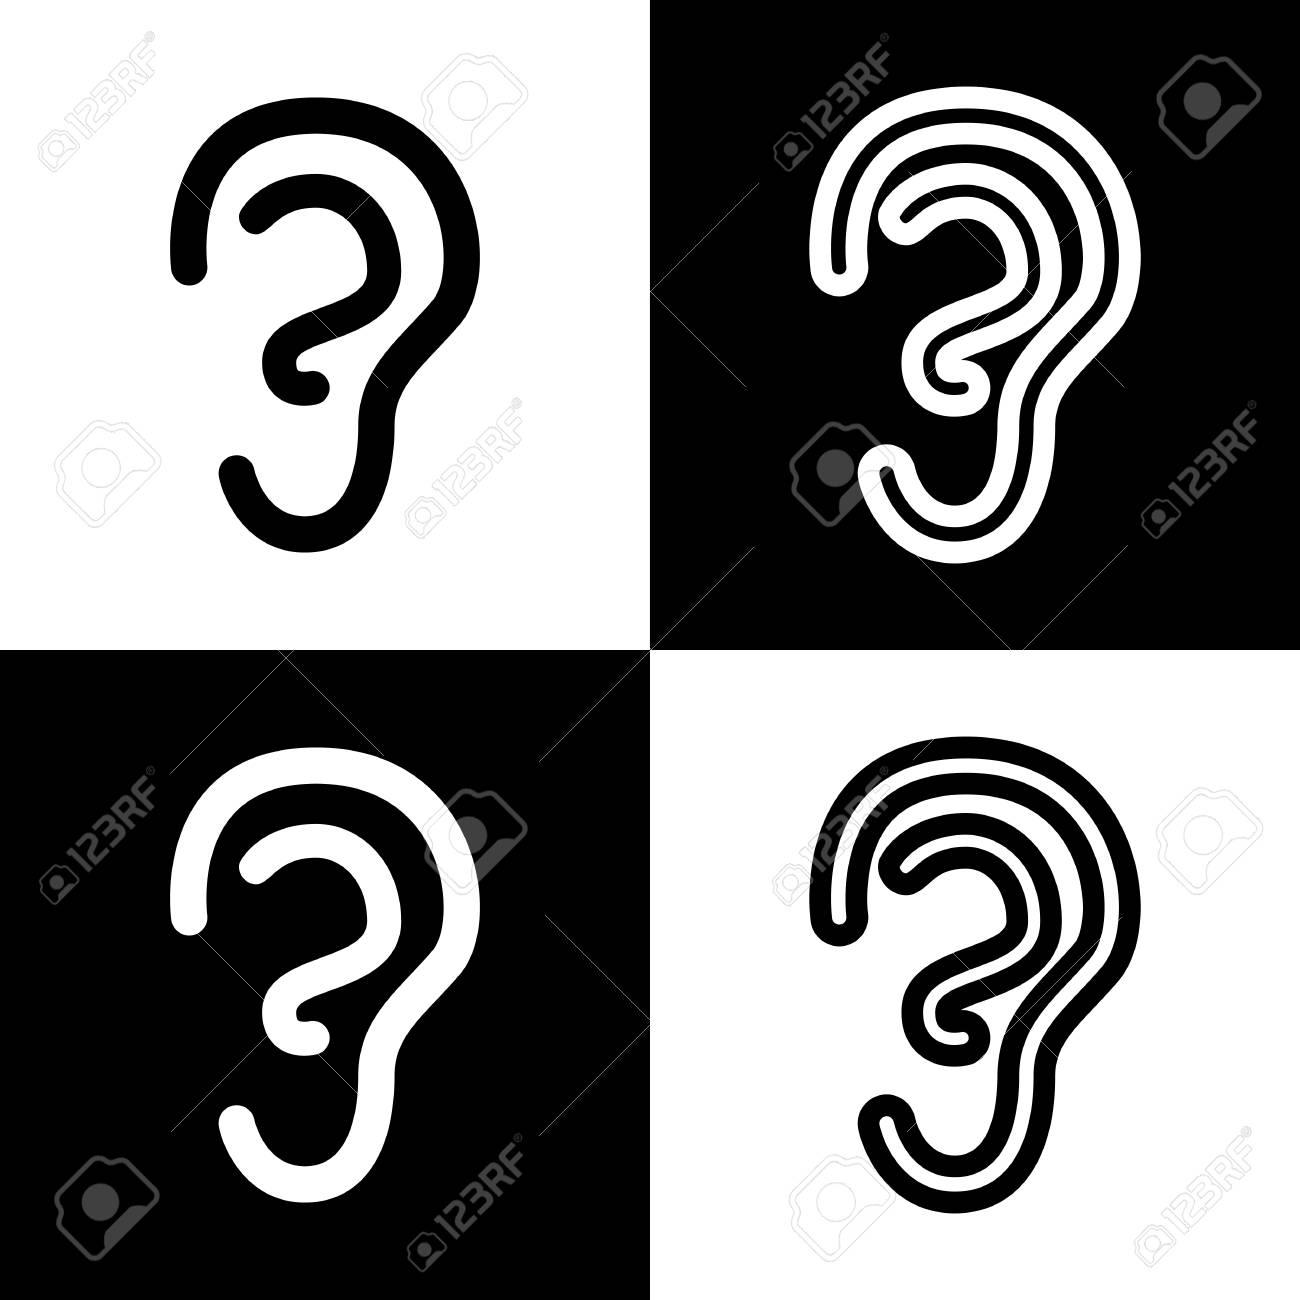 Menschliche Anatomie. Ohr-Zeichen. Vektor. Schwarz-Weiß-Symbole Und ...